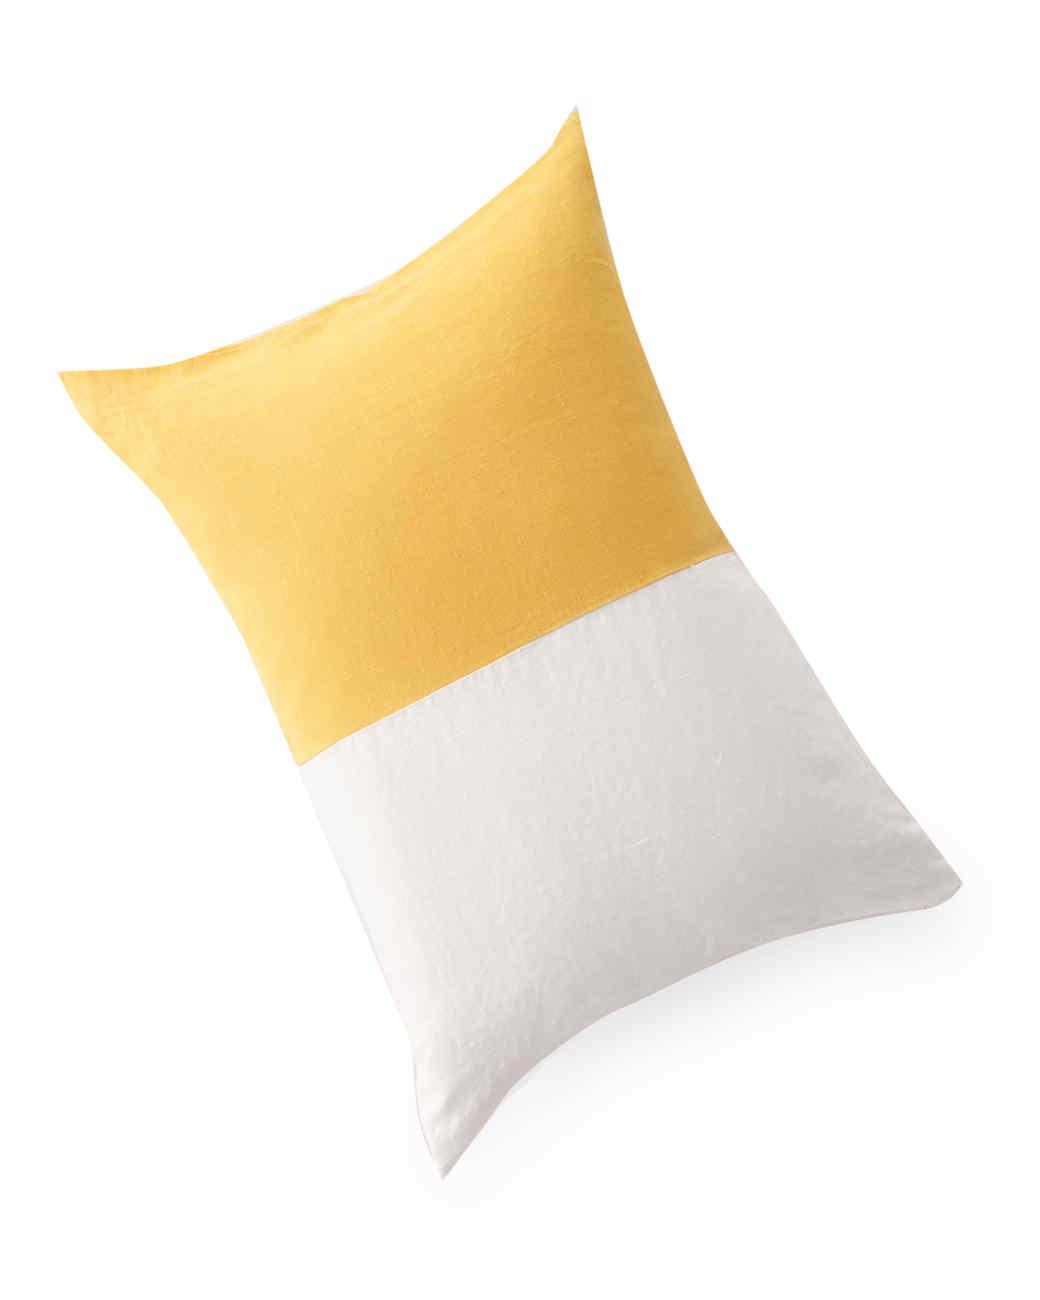 pillow-finds-0811mld107422.jpg